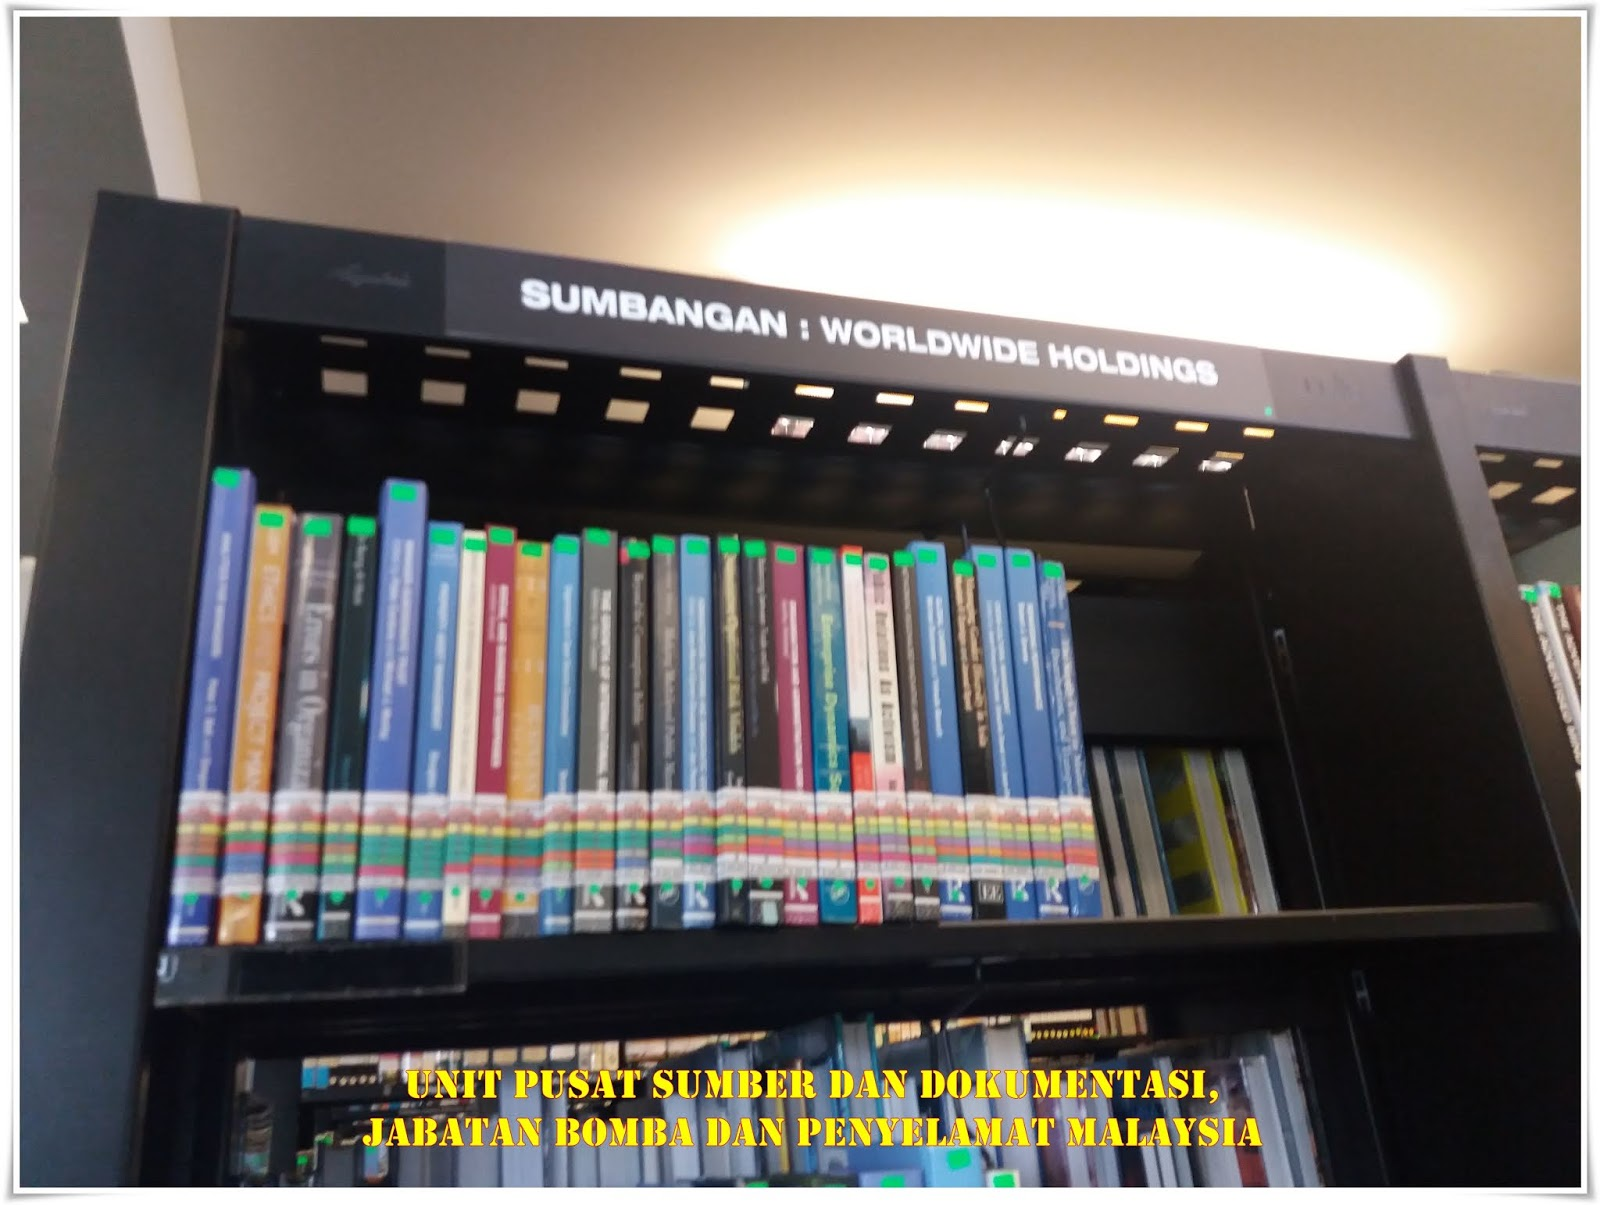 Lawatan ke Perpustakaan Raja Tun Uda, Shah Alam sempena Program Dekan Membaca Kebangsaan 2019 anjuran Kementerian Perumahan Dan Kerajaan Tempatan